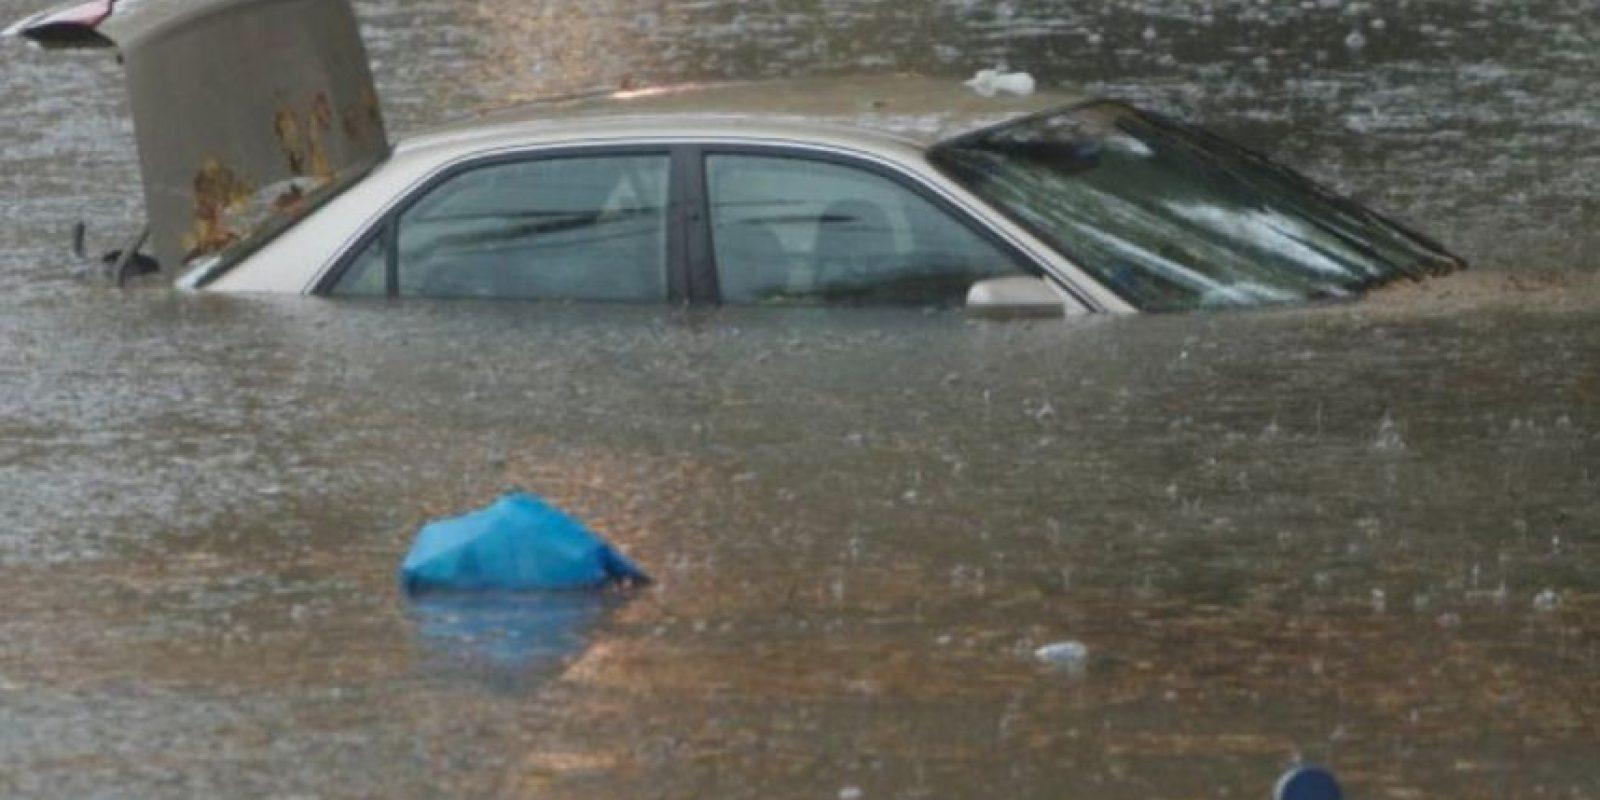 Una pareja británica estacionó su auto cerca de un río, mientras se divertían en la parte trasera este resbaló causando la muerte de ambos. Foto:Sliive